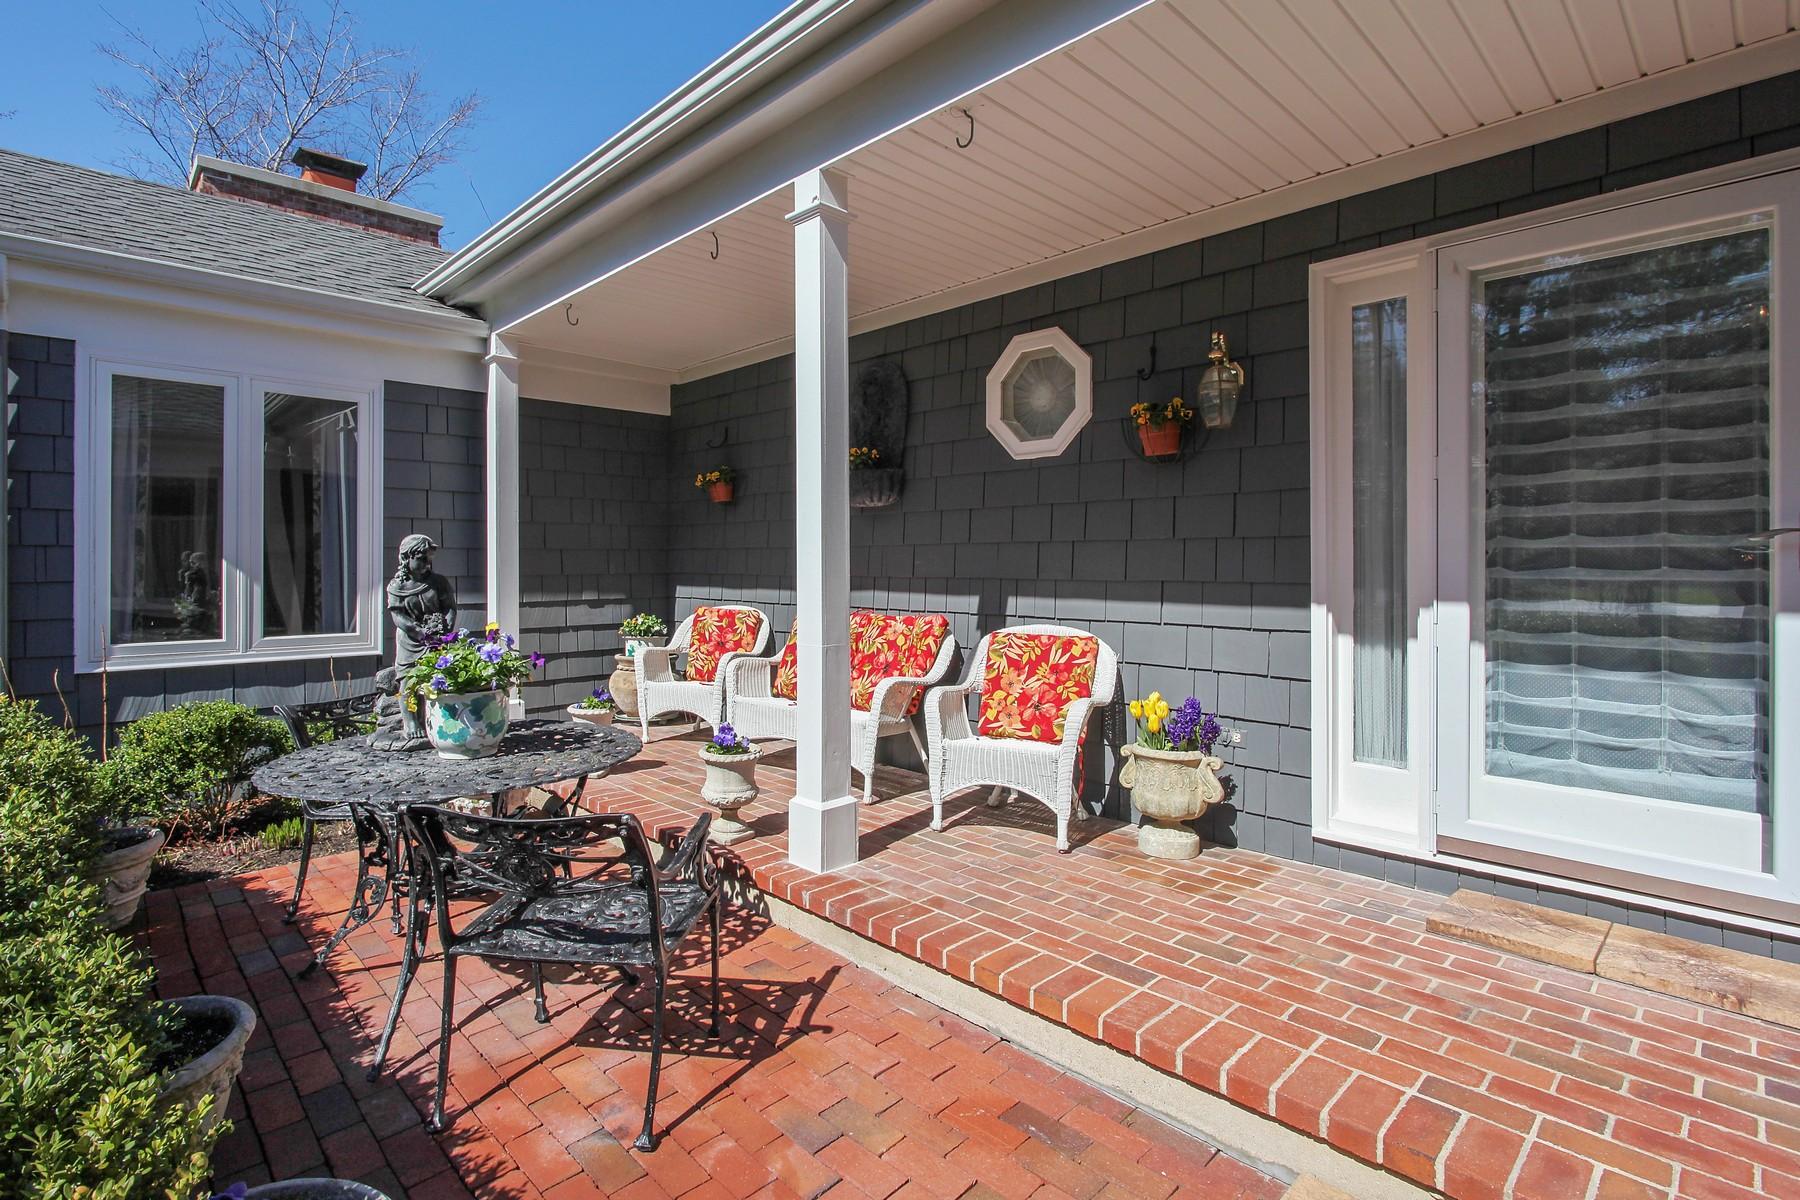 独户住宅 为 销售 在 Character-Rich Pristine Home 1742 N Waukegan Road 森林湖, 伊利诺斯州, 60045 美国